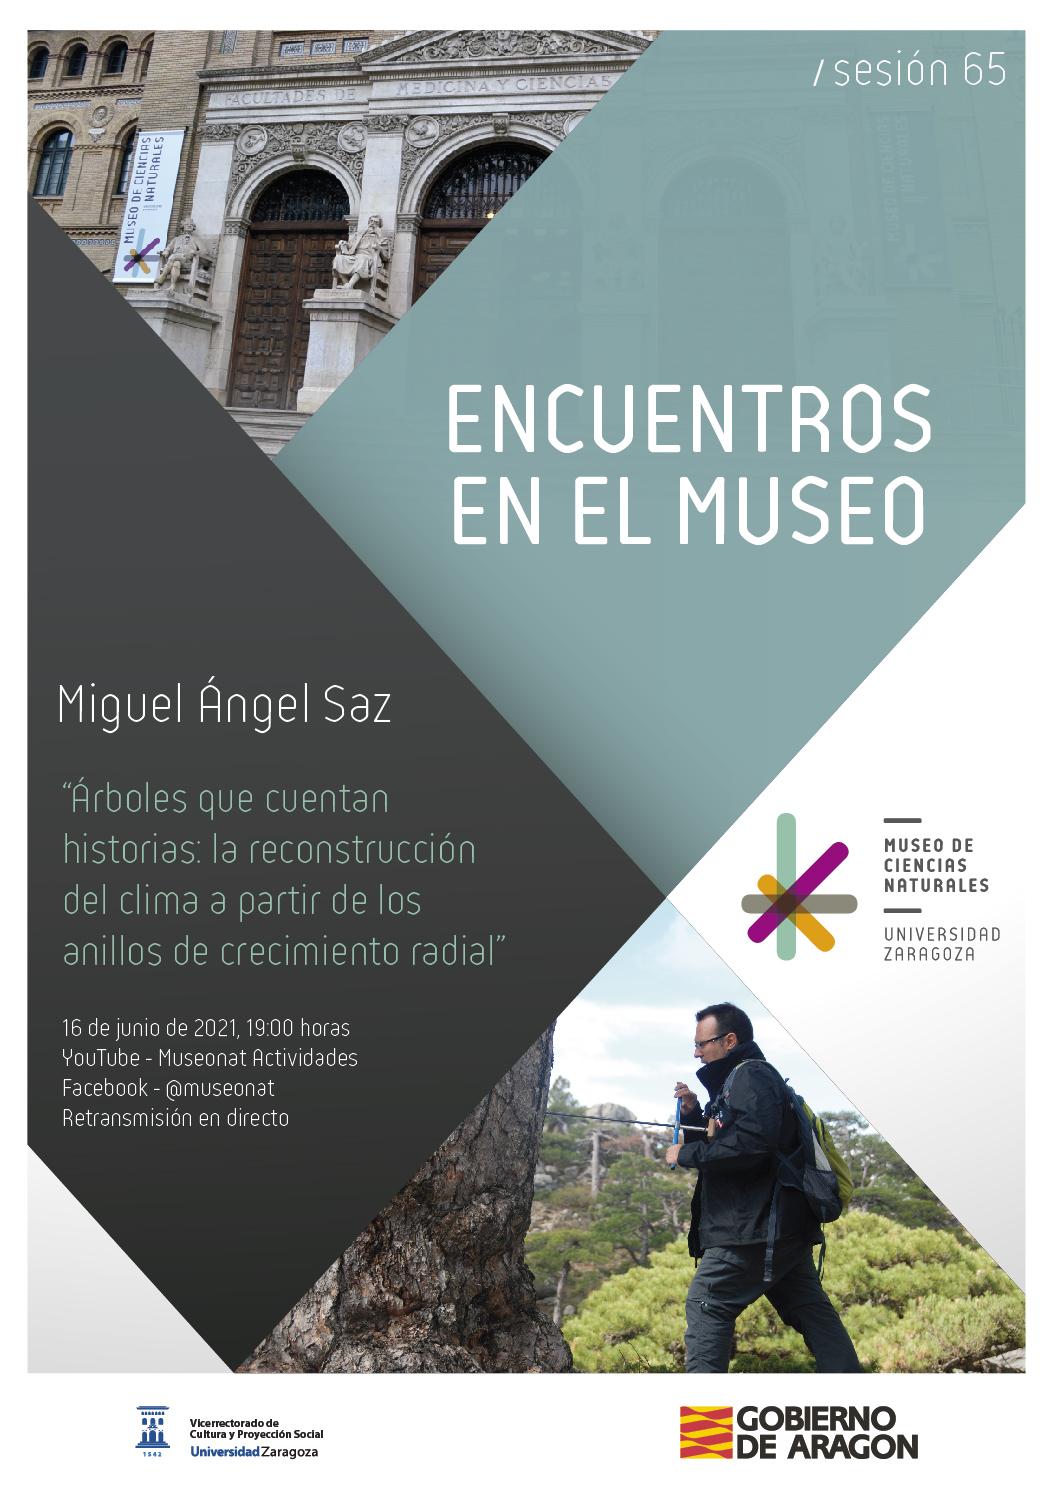 """Encuentros en el Museo con Miguel Ángel Saz: """"Árboles que cuentan historias"""""""